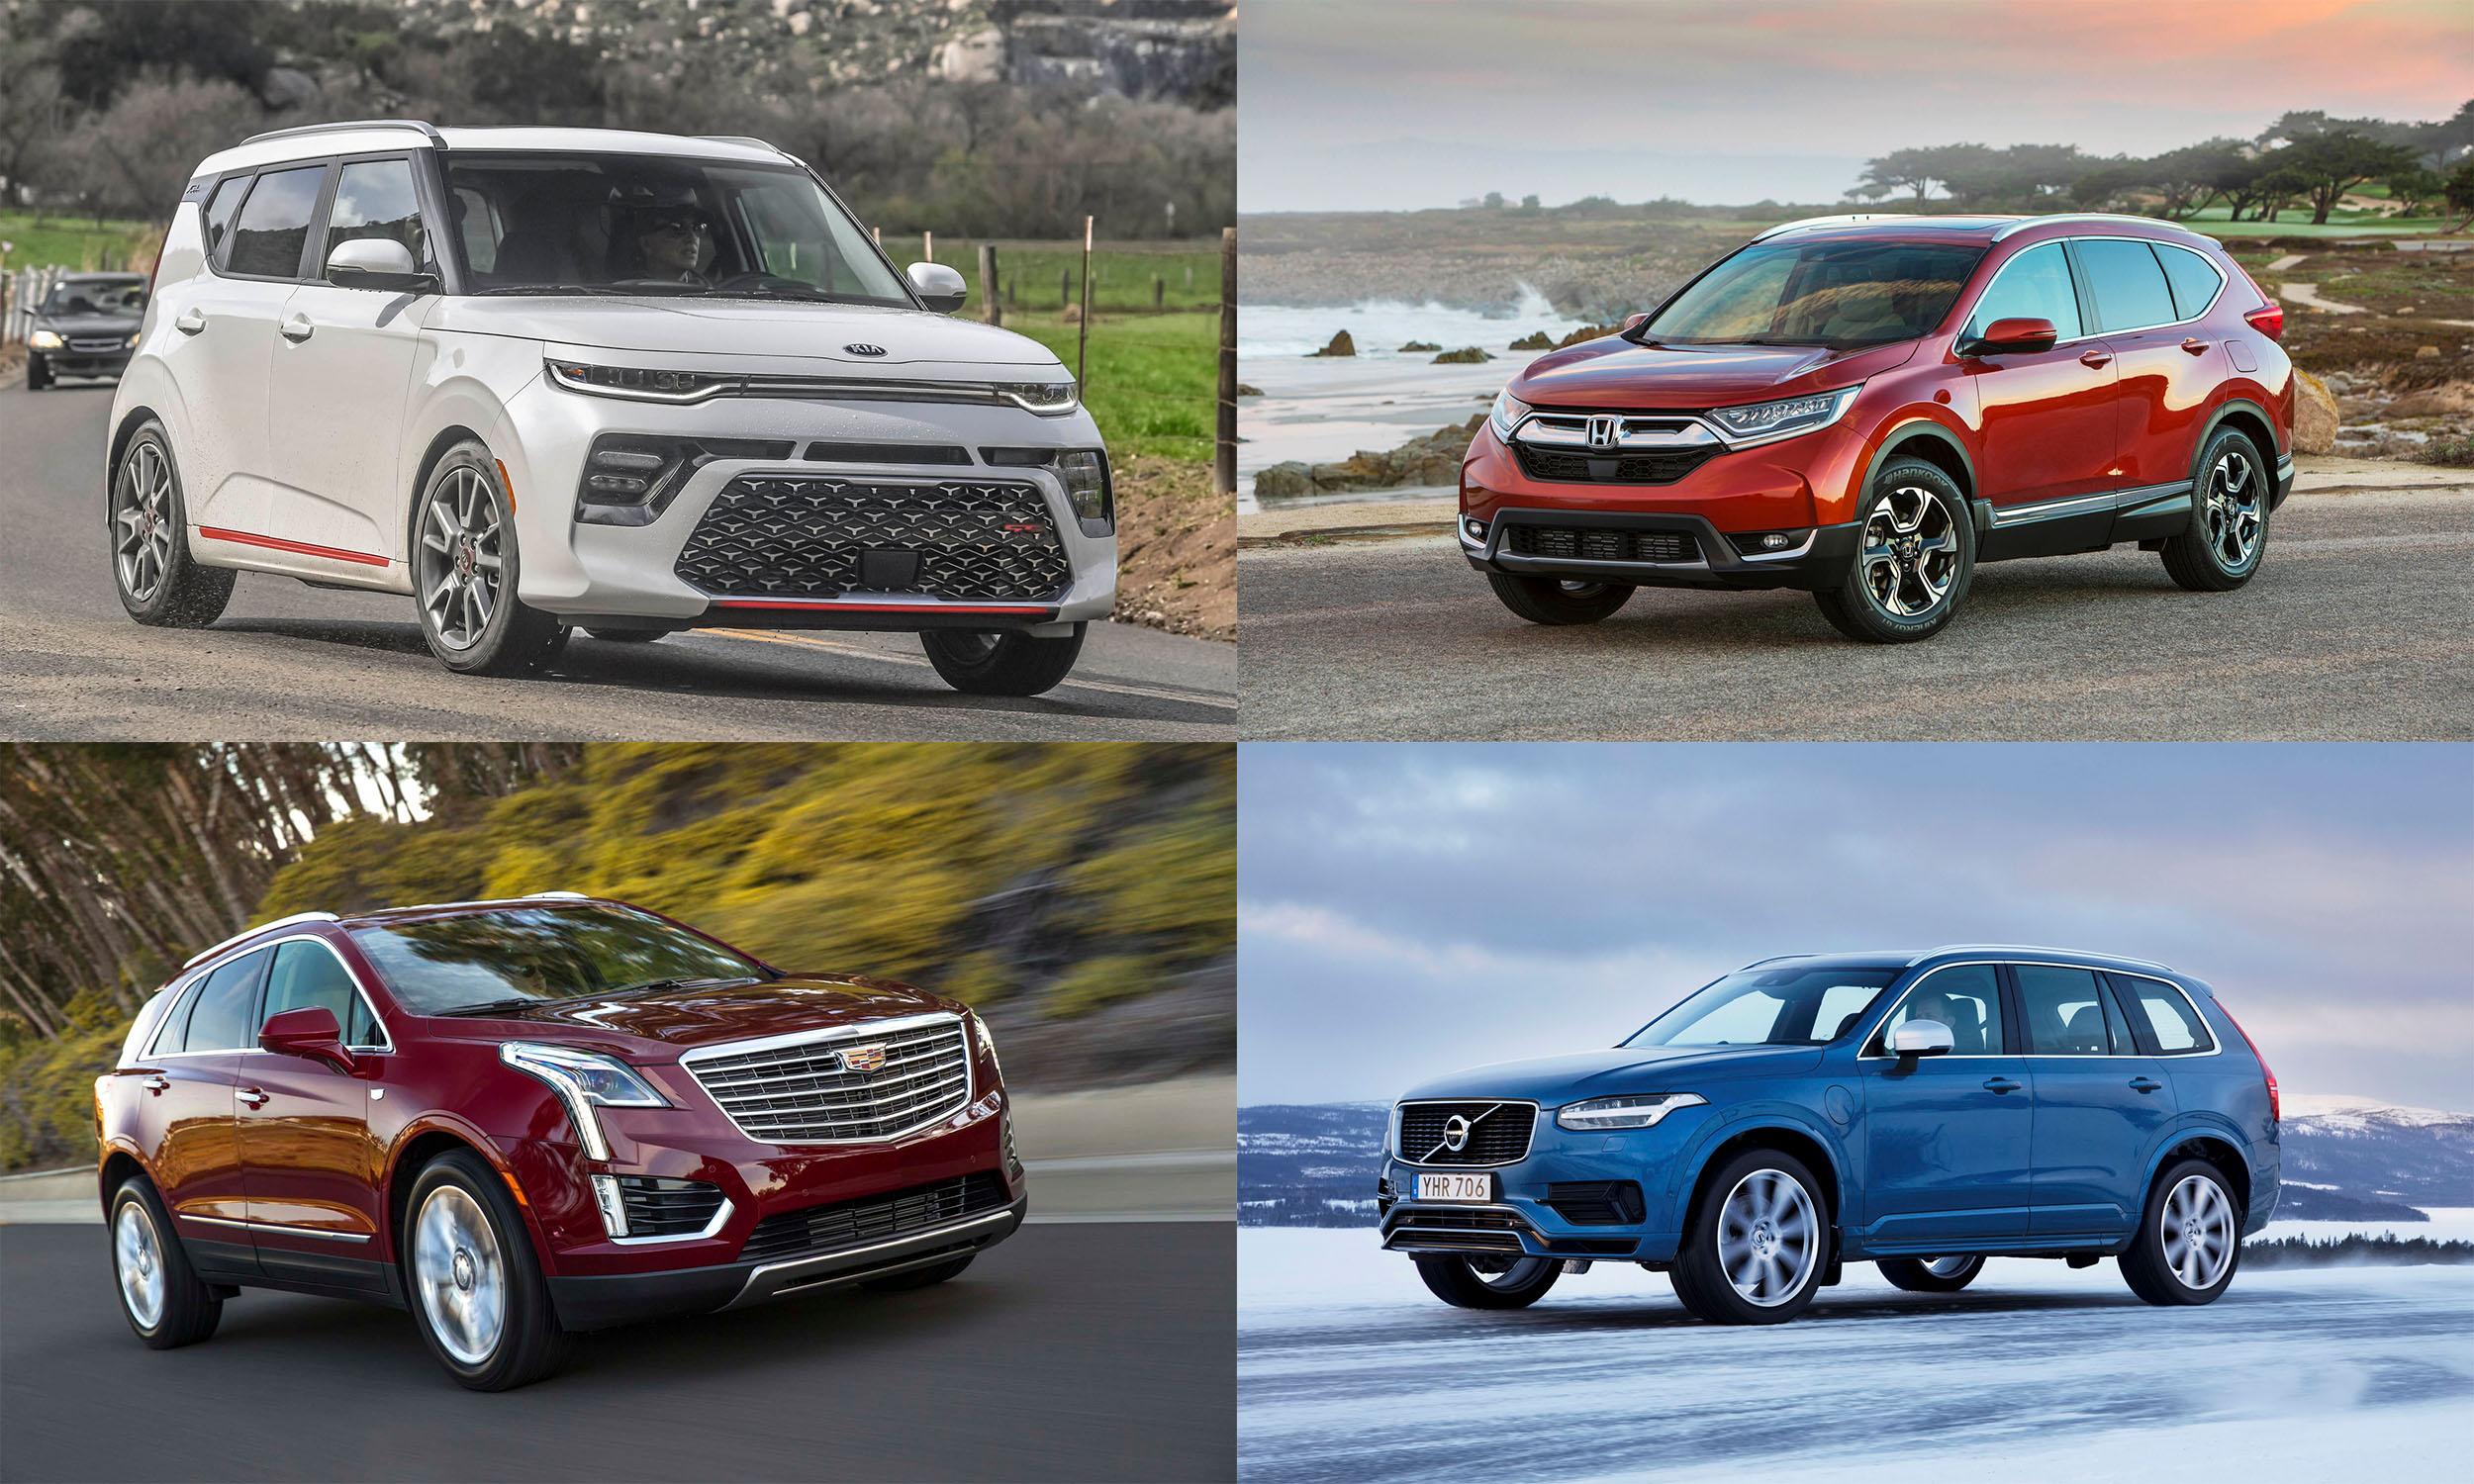 BestSelling Cars in America By Brandnbsp